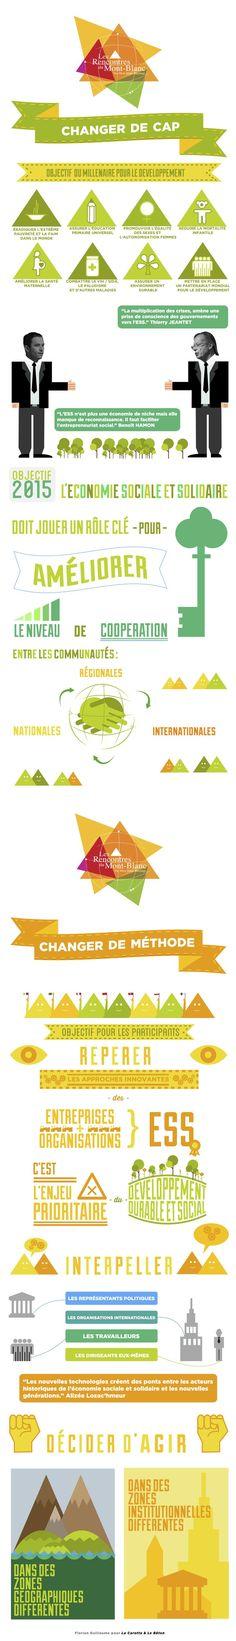 Infographie en français sur les enjeux de l'économie sociale et solidaire, dans le cadre des objectifs du millénaire pour le développement (ODM) post-2015